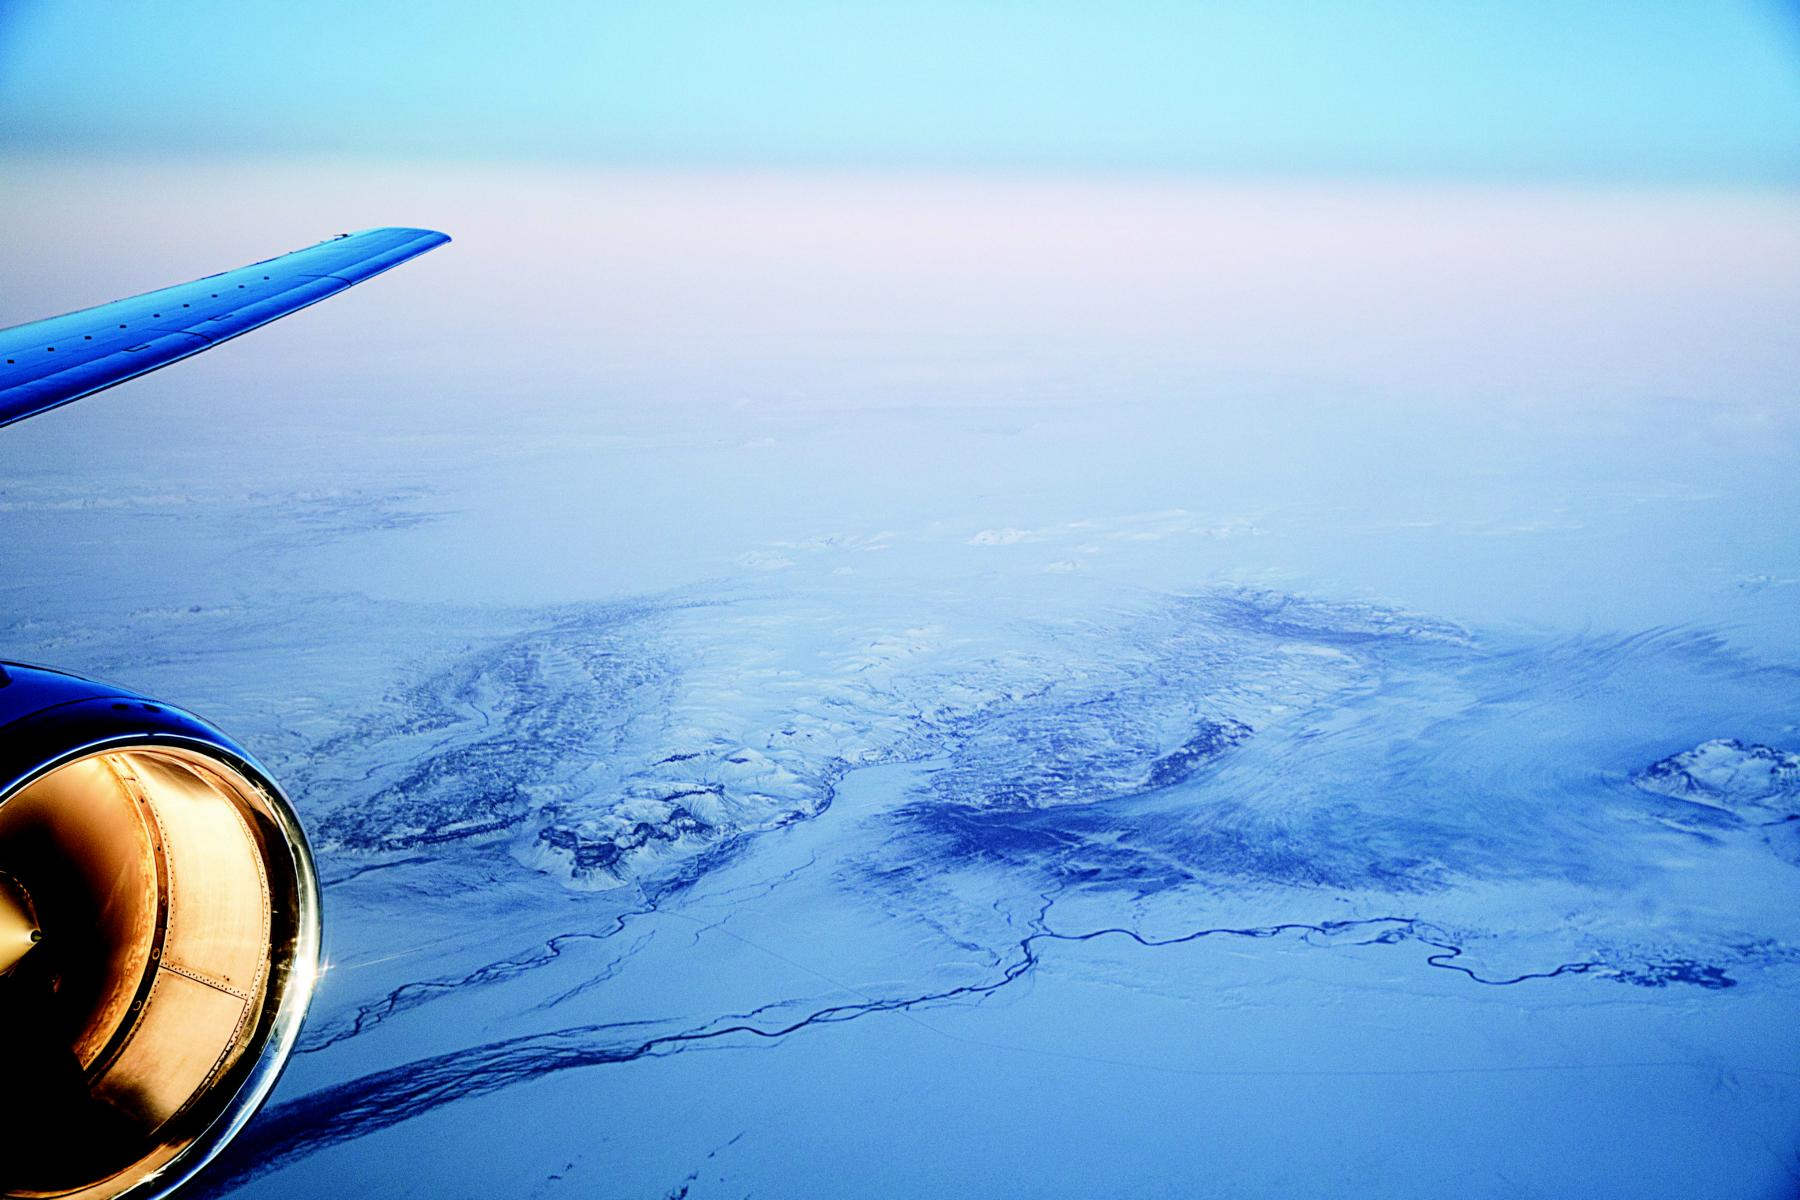 Verschneites Island aus dem Fenster des Private Jets Albert Ballin von Hapag Lloyd